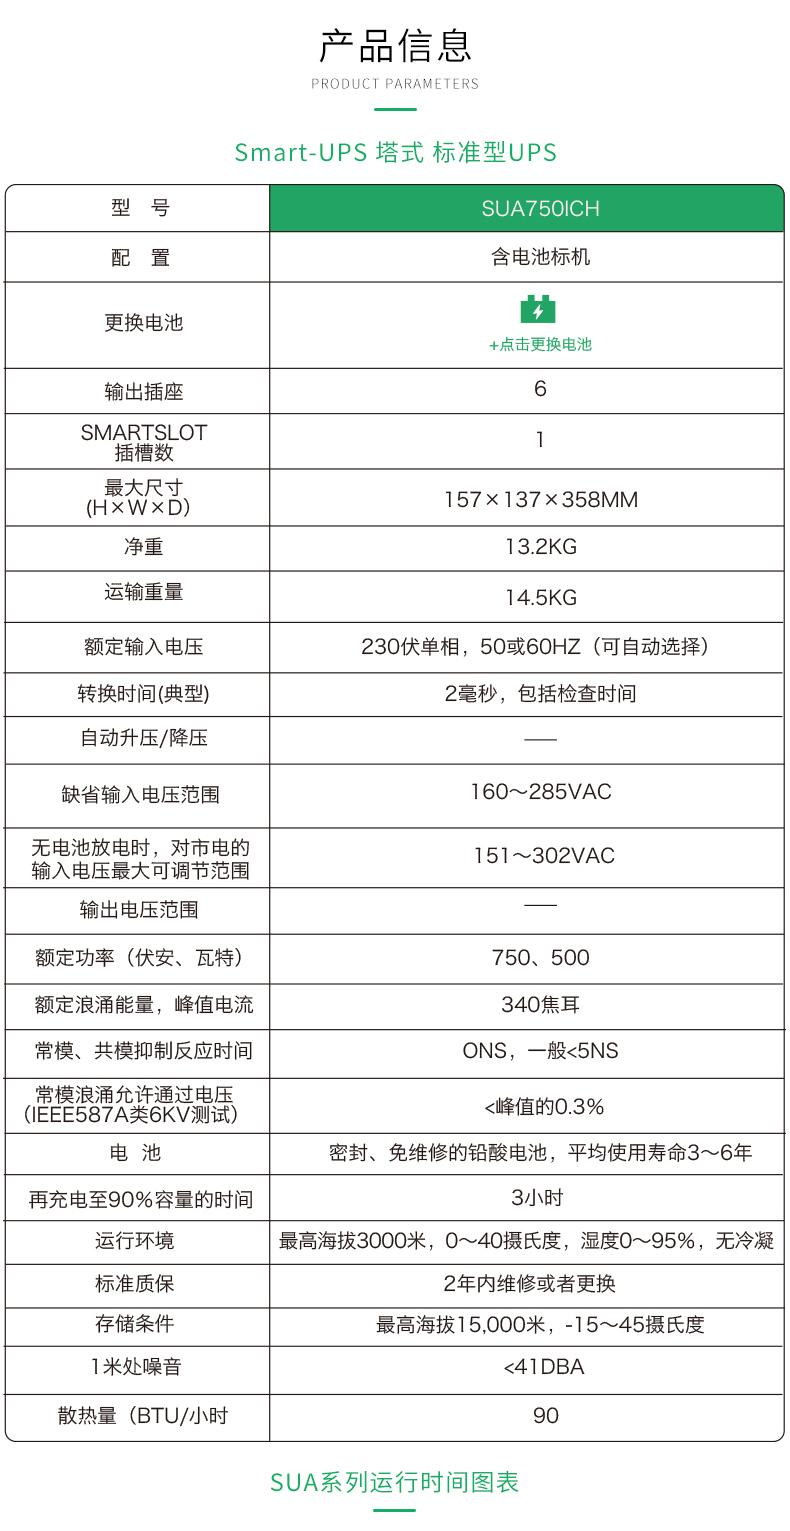 APC UPS电源 SUA750ICH参数型号